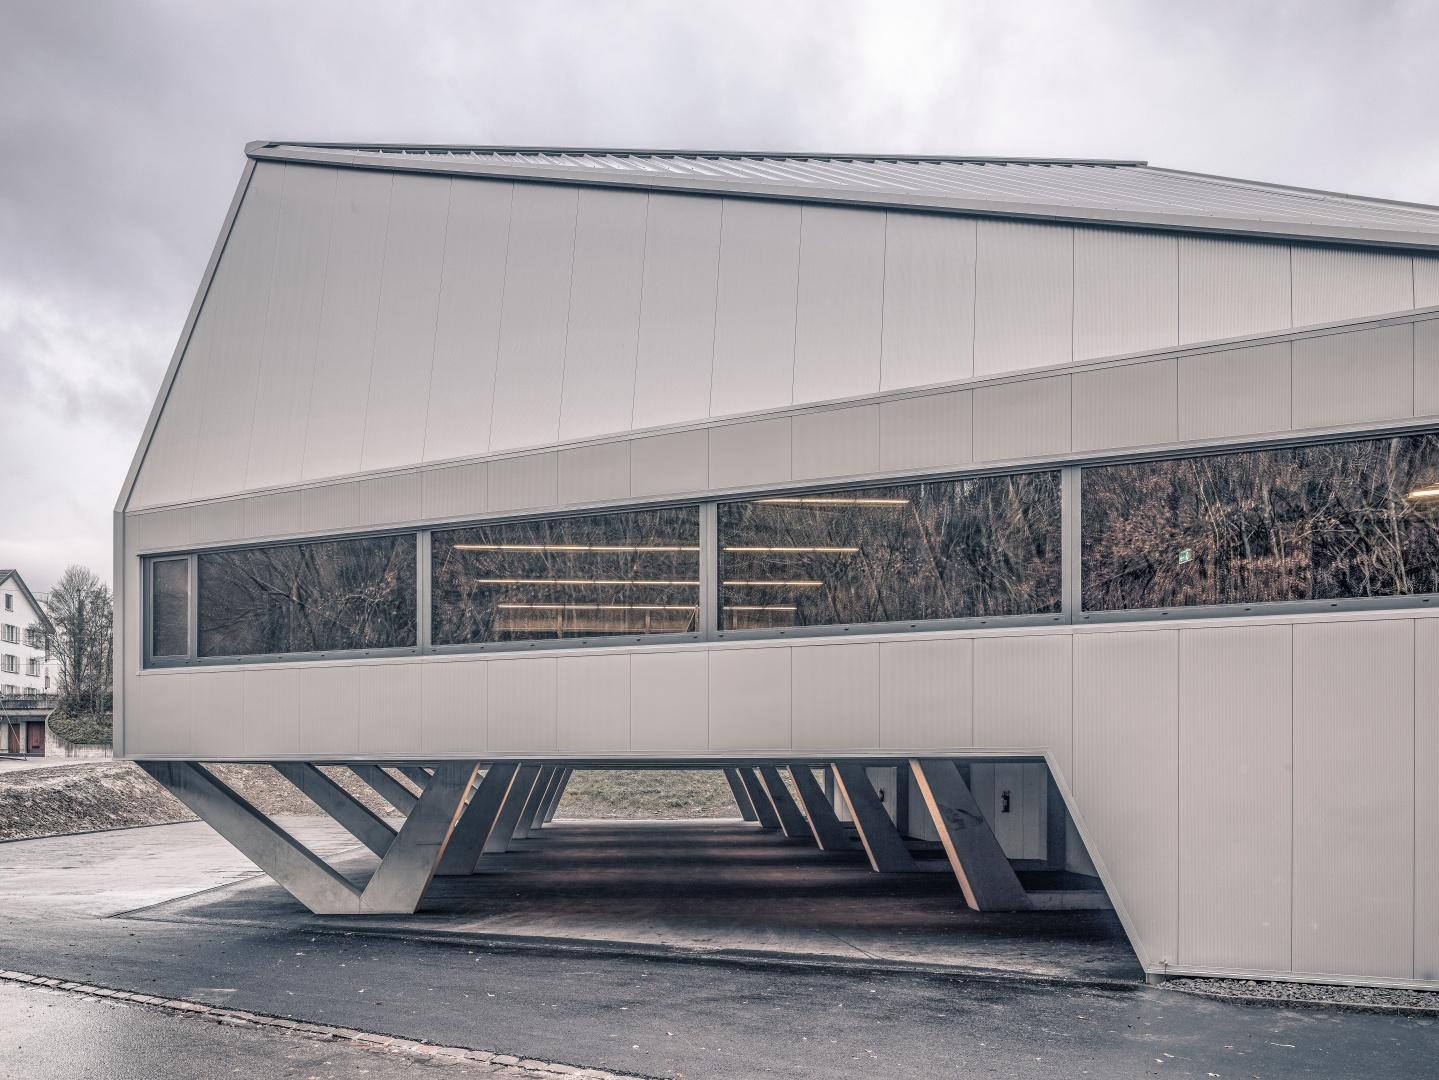 Ansicht Ost mit Blick in Halle und Parkgasse  © Roger Frei, Zürich